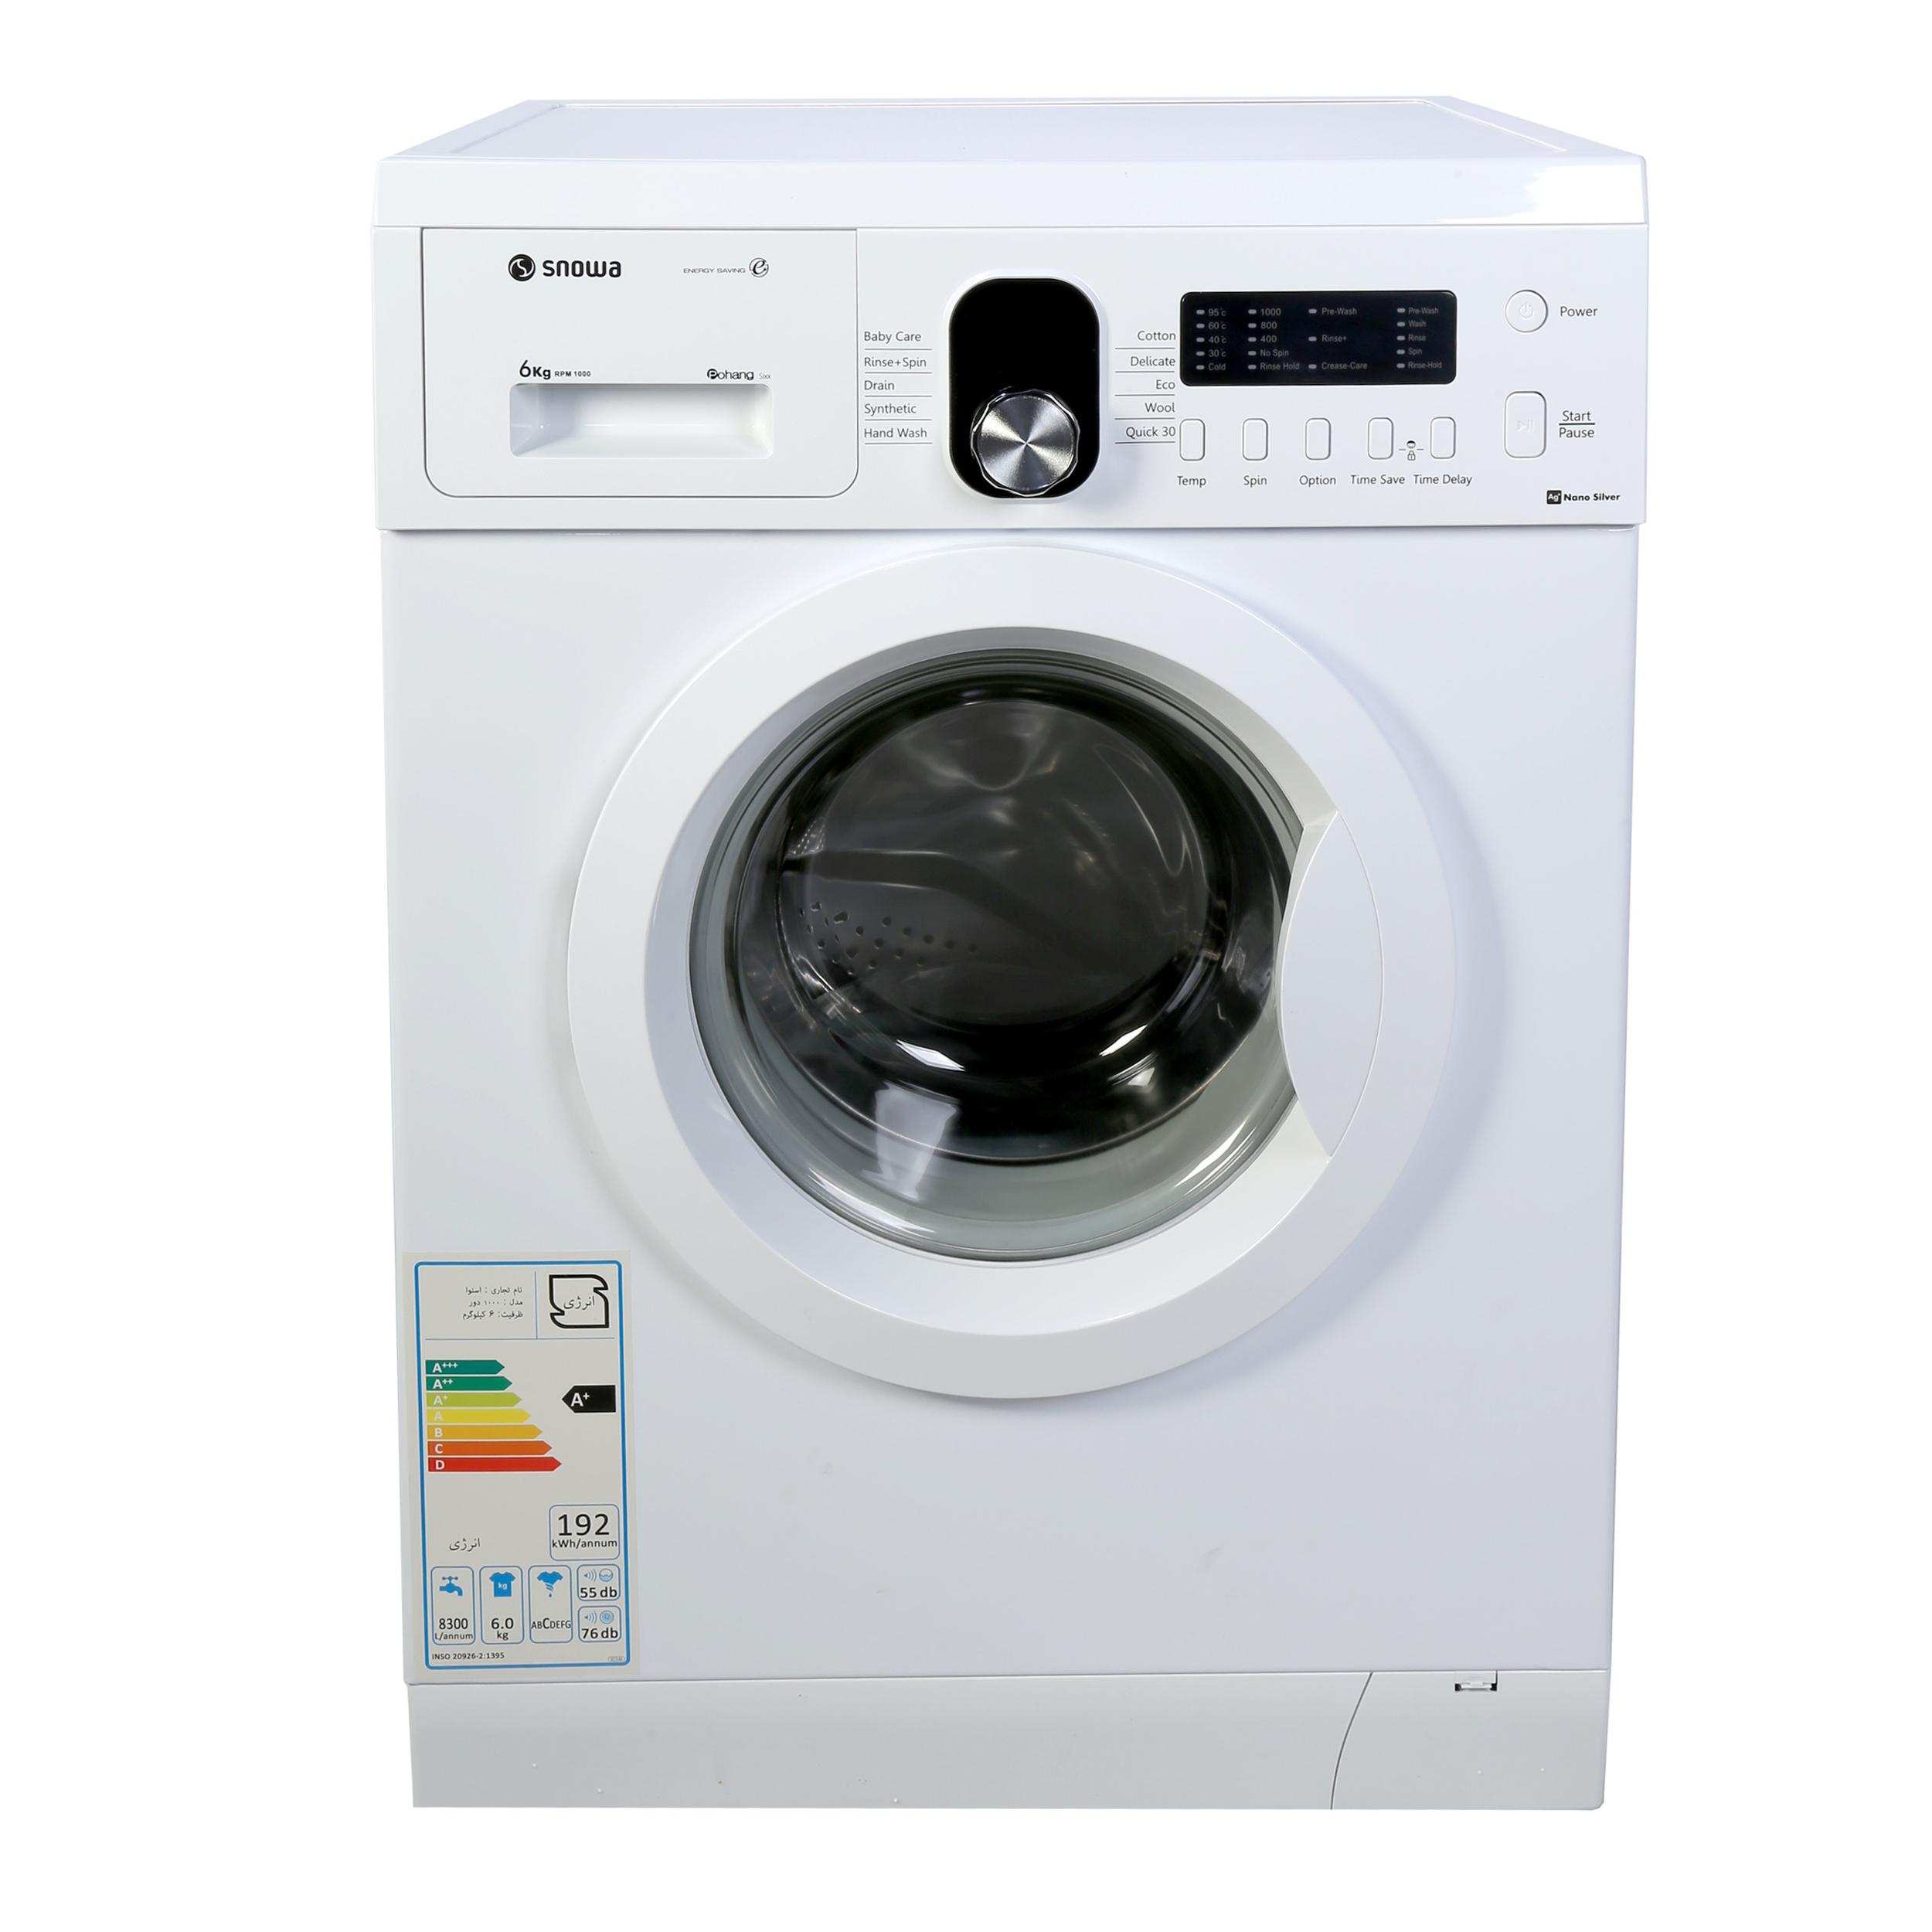 ماشین لباسشویی اسنوا مدل SWD-260W ظرفیت 6 کیلوگرم